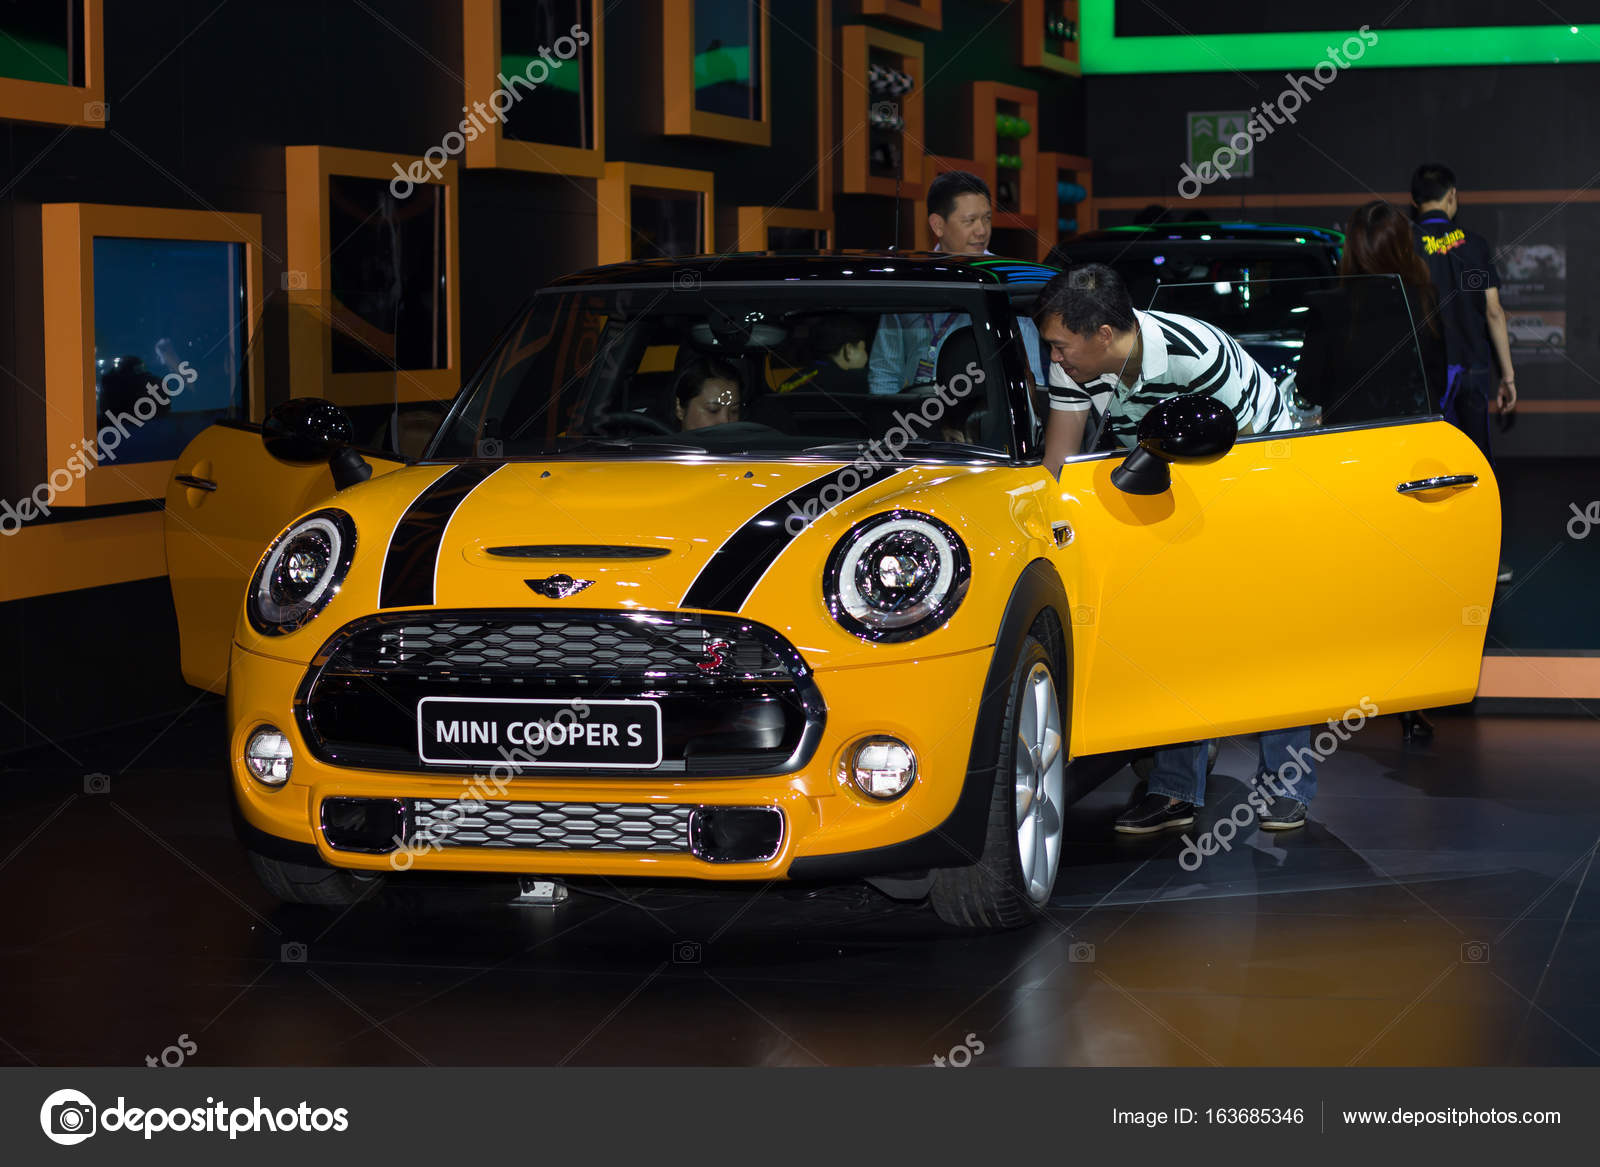 Mini Cooper Nouveau Modèle Présenté Dans Salon De Lautomobile